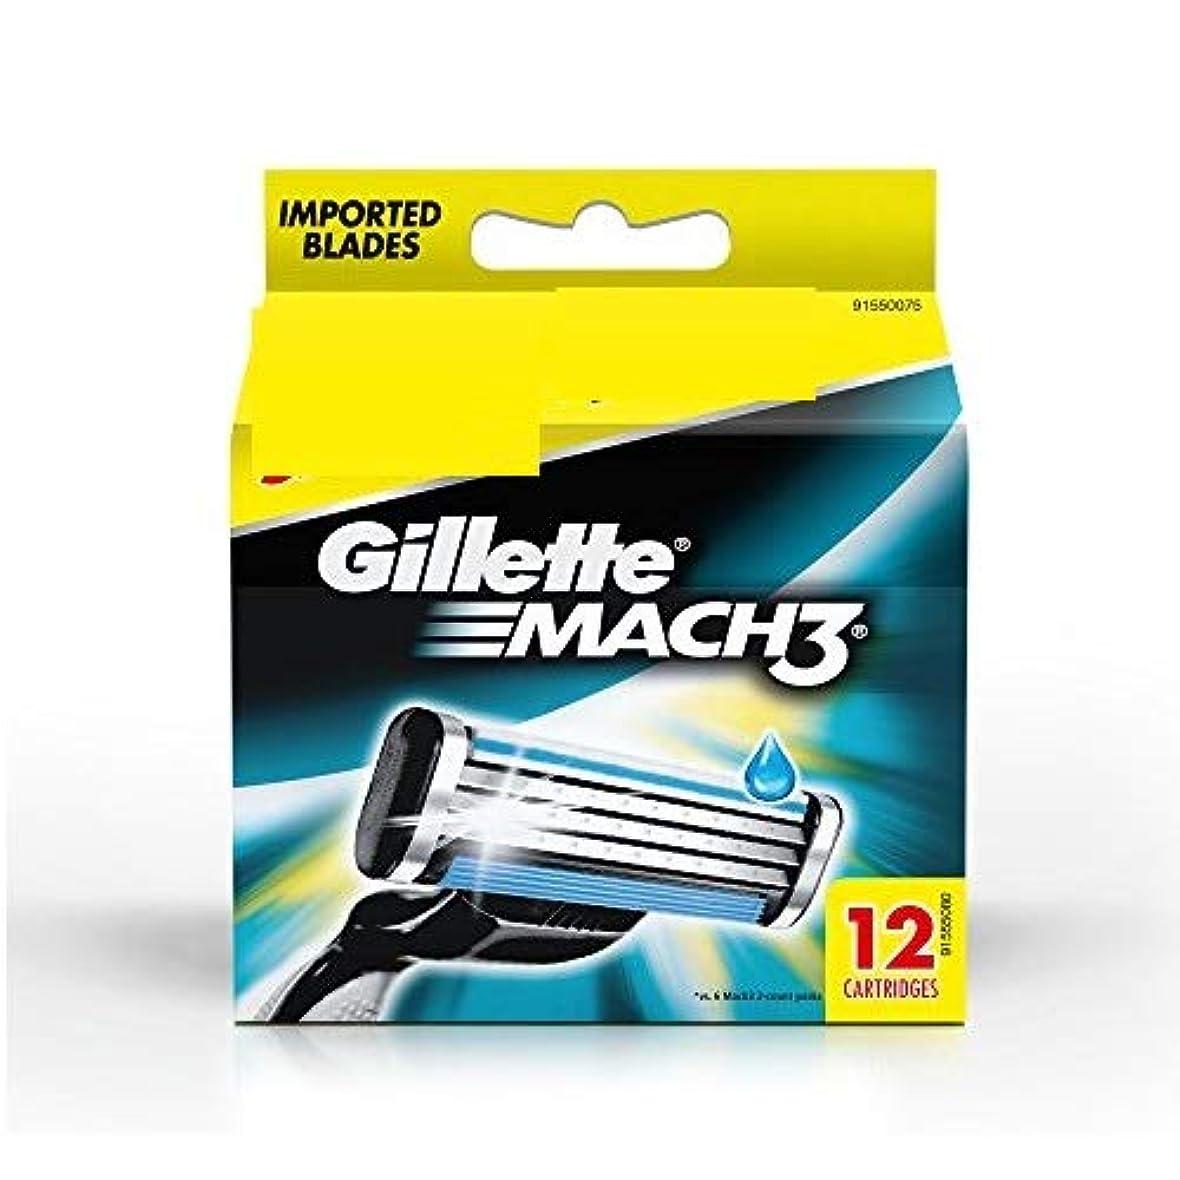 旋律的ストラップ追加Gillette Mach3 Blade 12 cartridges